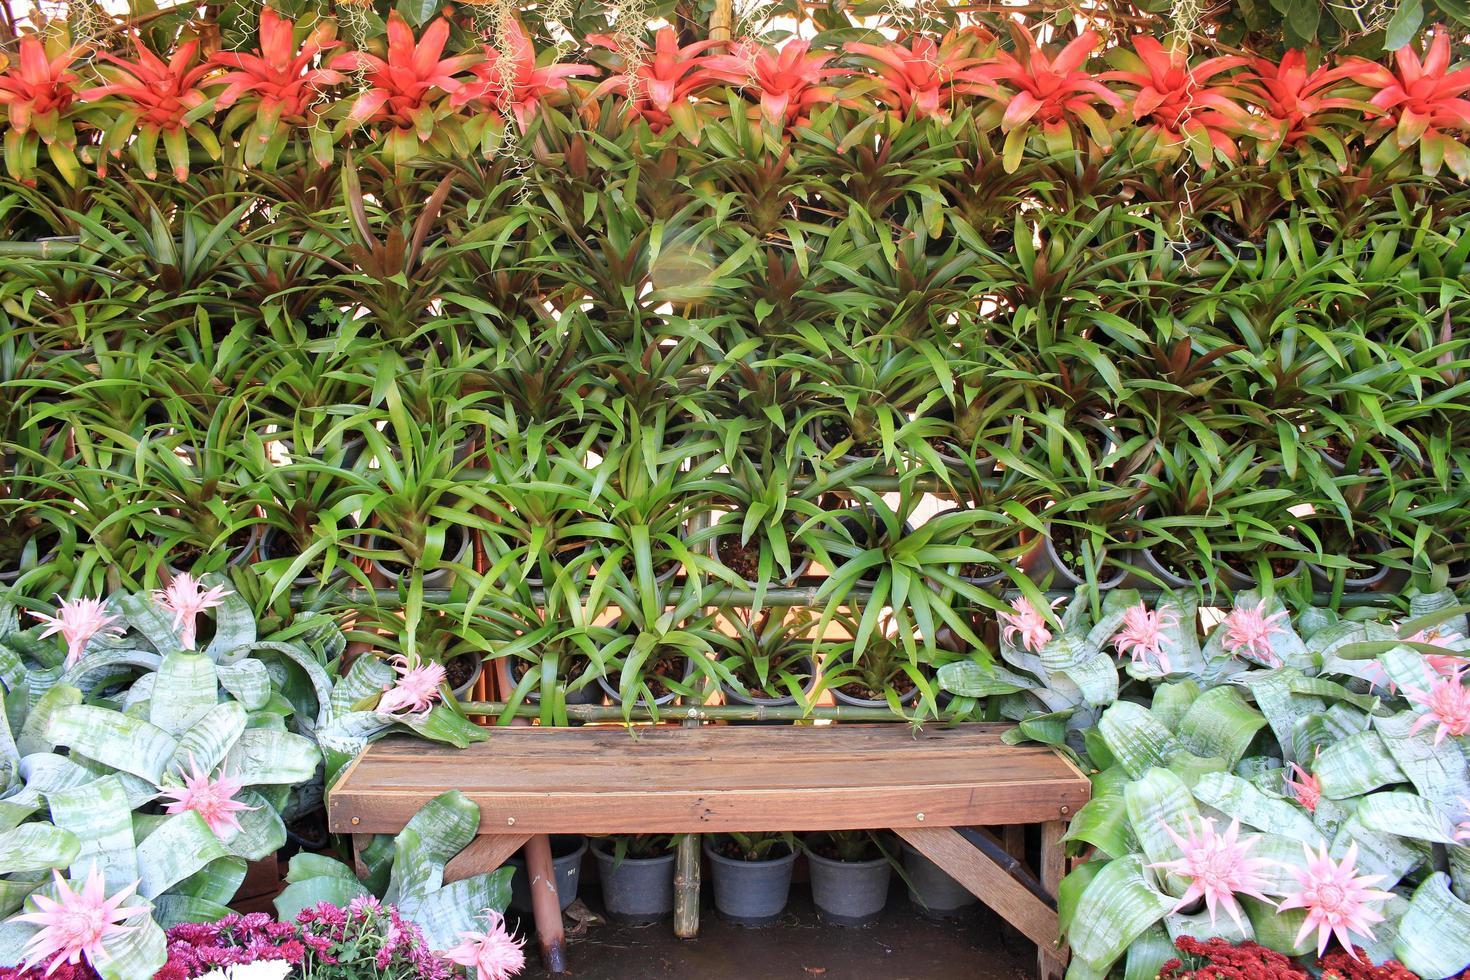 Holzbank im Garten foto